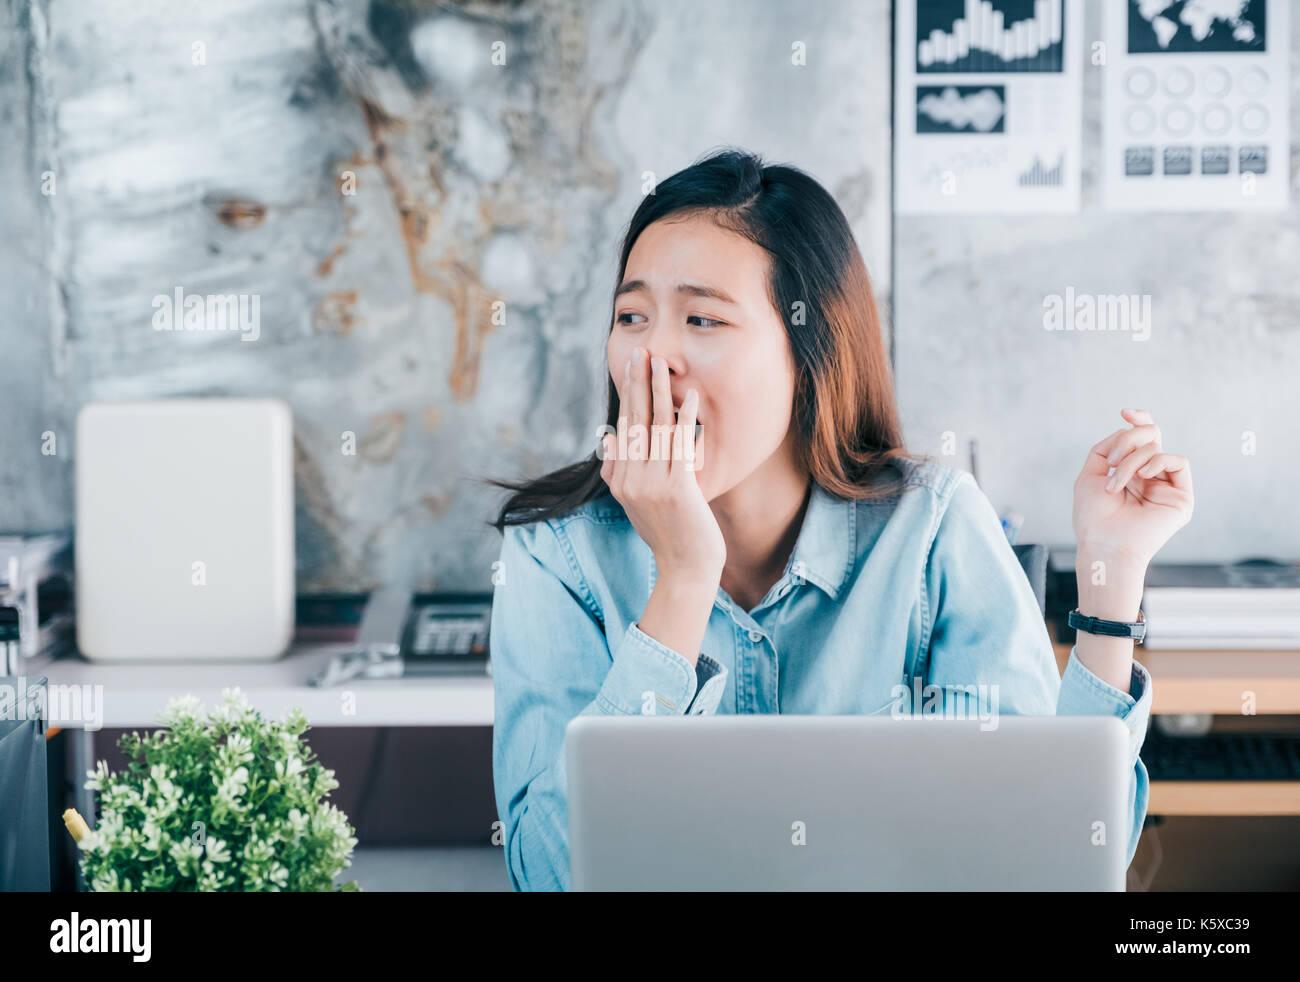 Jungen asiatischen casual Geschäftsfrau Gähnen vor Laptop Computer und Suchen über office Fenster mit Langeweile, harte Arbeit Konzept Stockbild